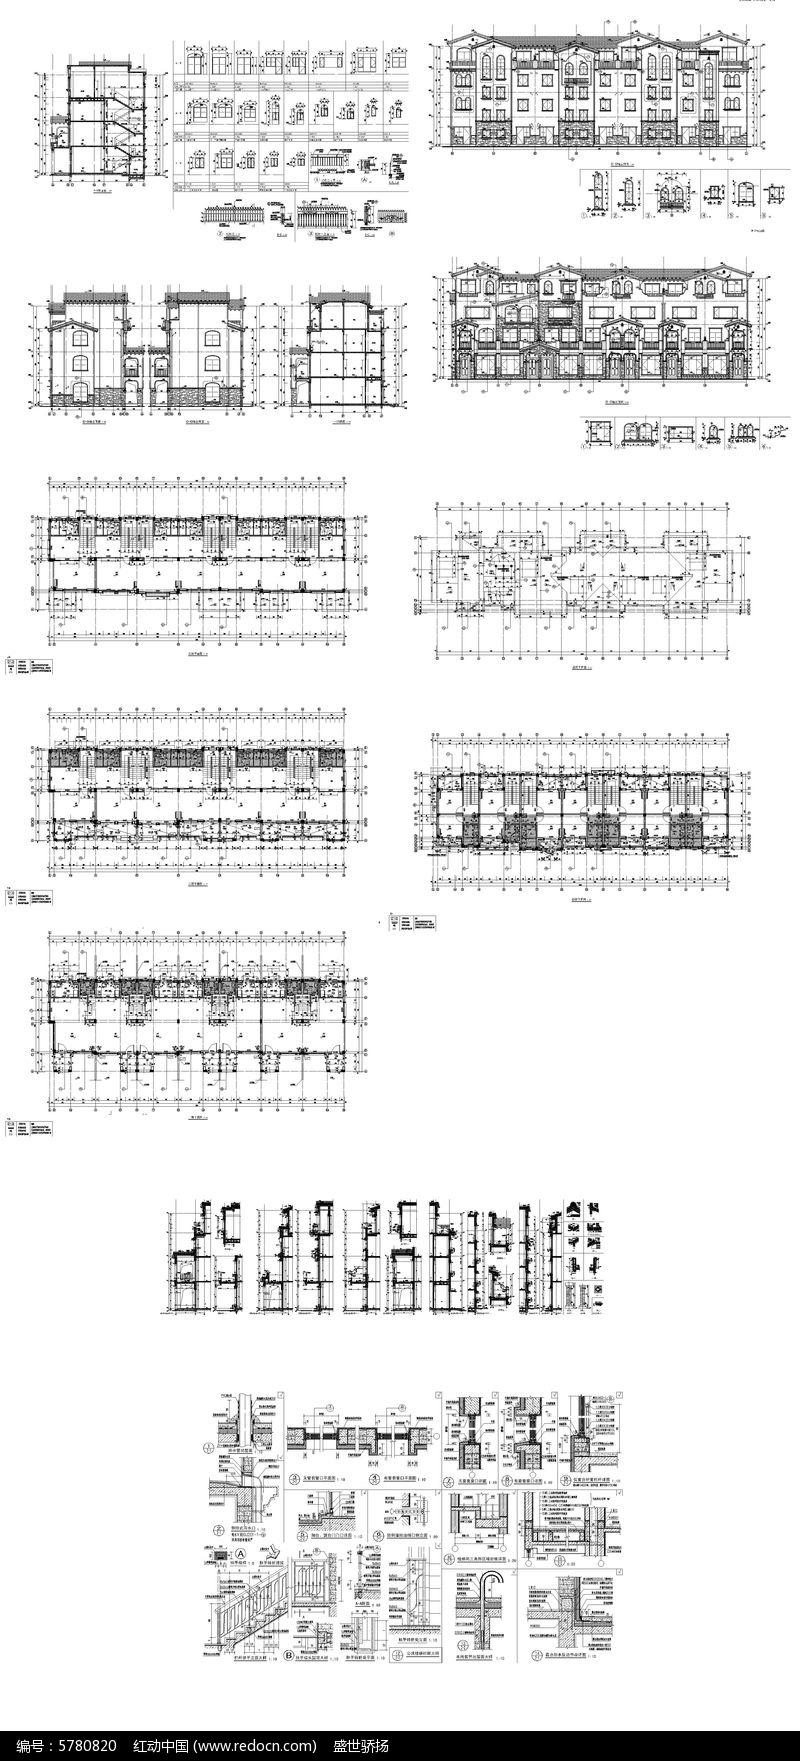 图纸住宅建筑别墅dwg素材下载_图纸CAD户型cad施工图怎么画图片